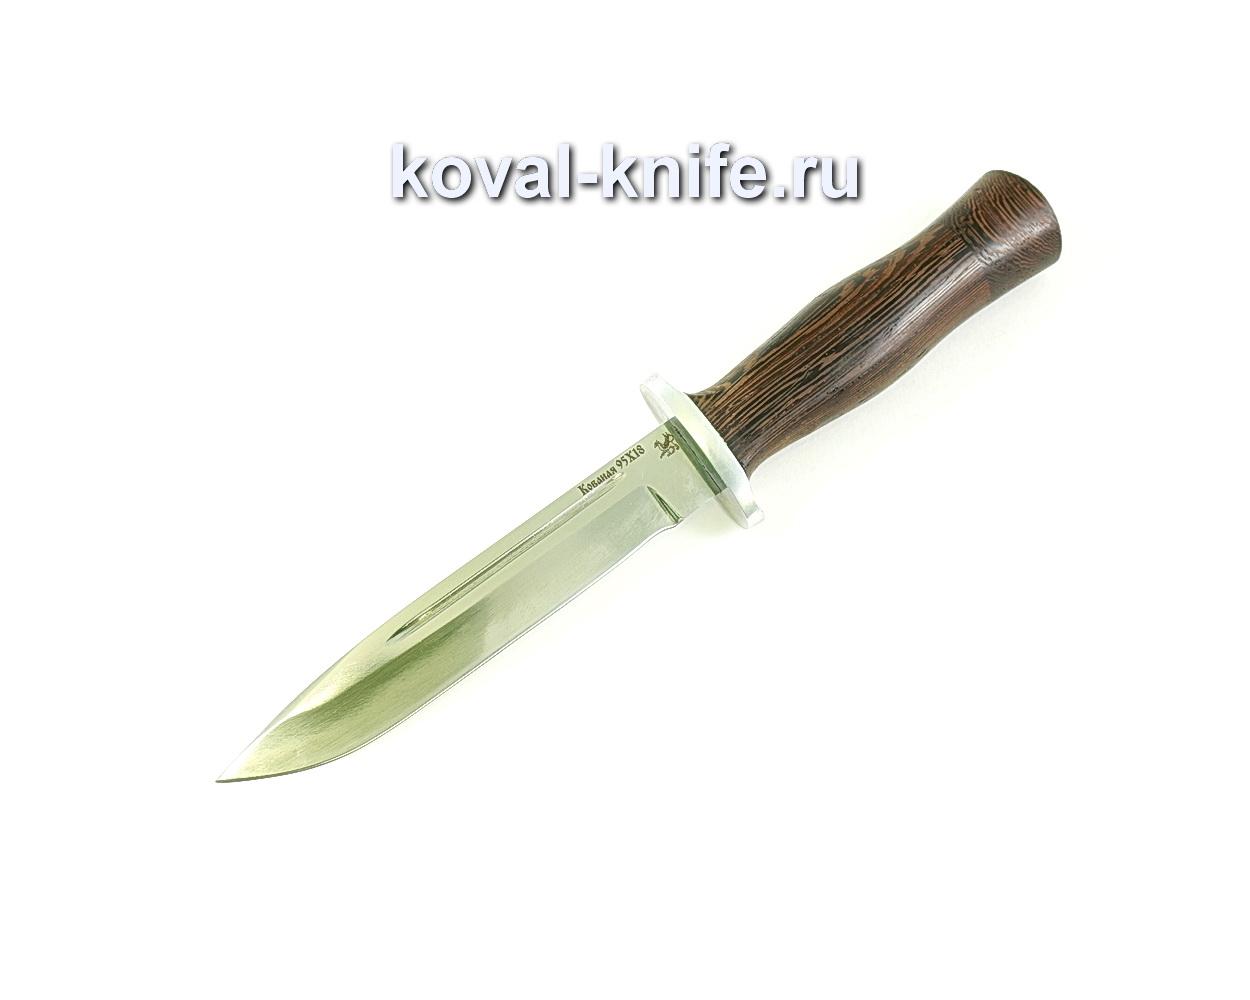 Нож Вишня (сталь 95х18) рукоять венге